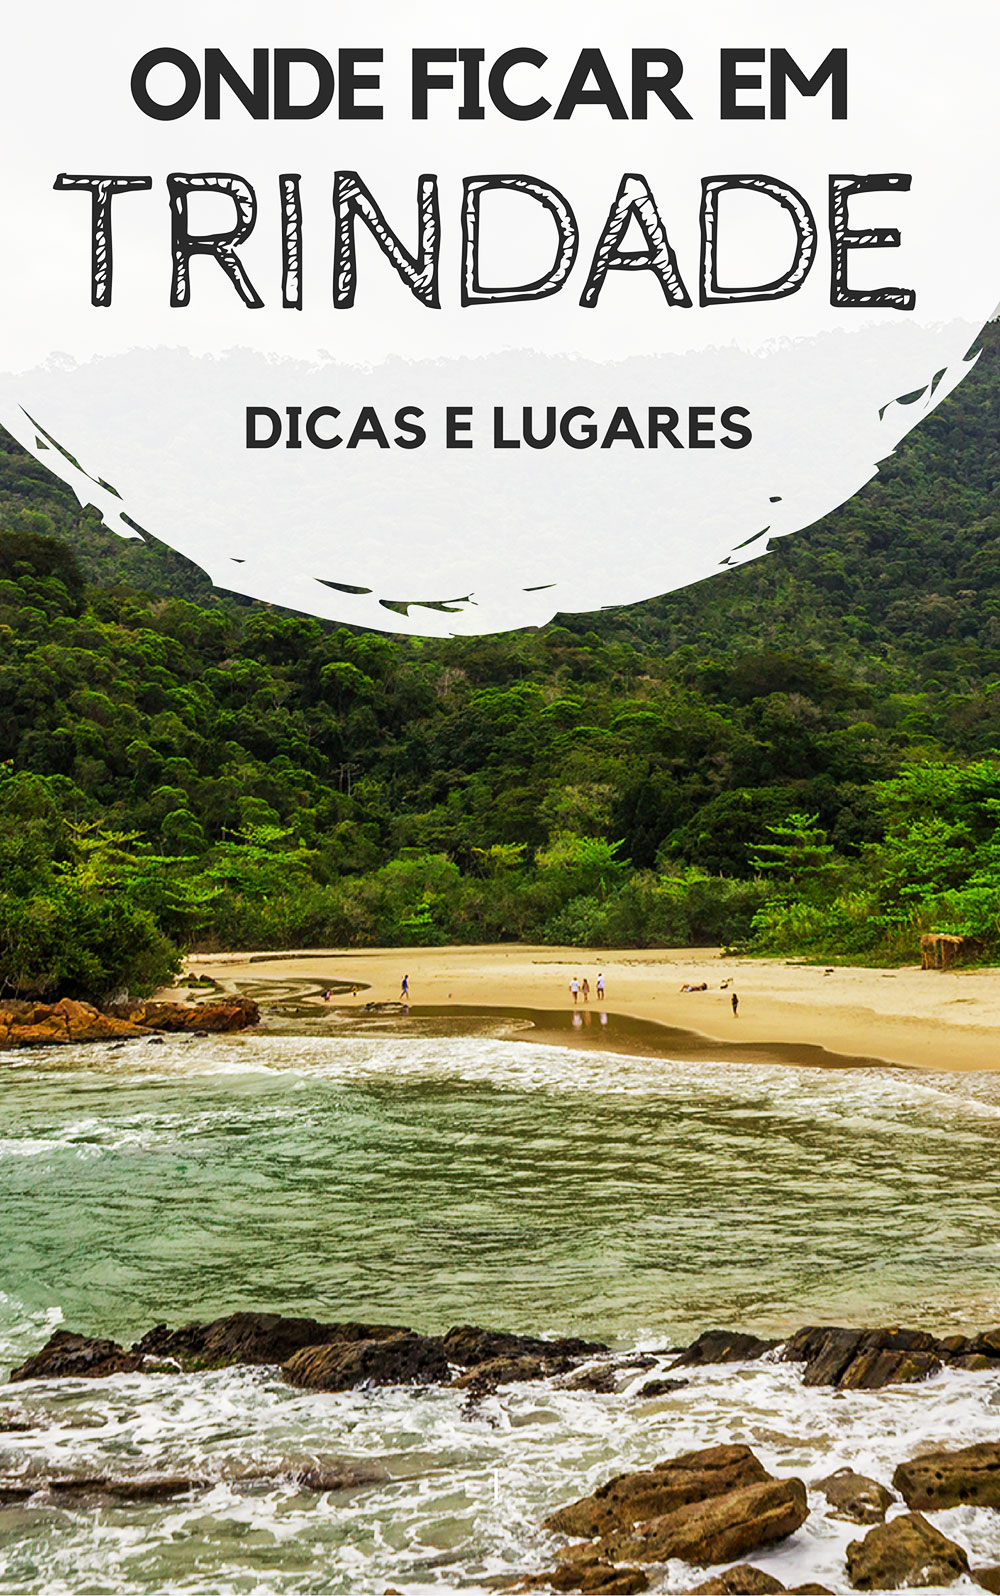 Onde ficar em Trindade, no Rio de Janeiro: Descubra quais são as melhores praias para se hospedar, além de pousadas com ótimos preços e bem localizadas.